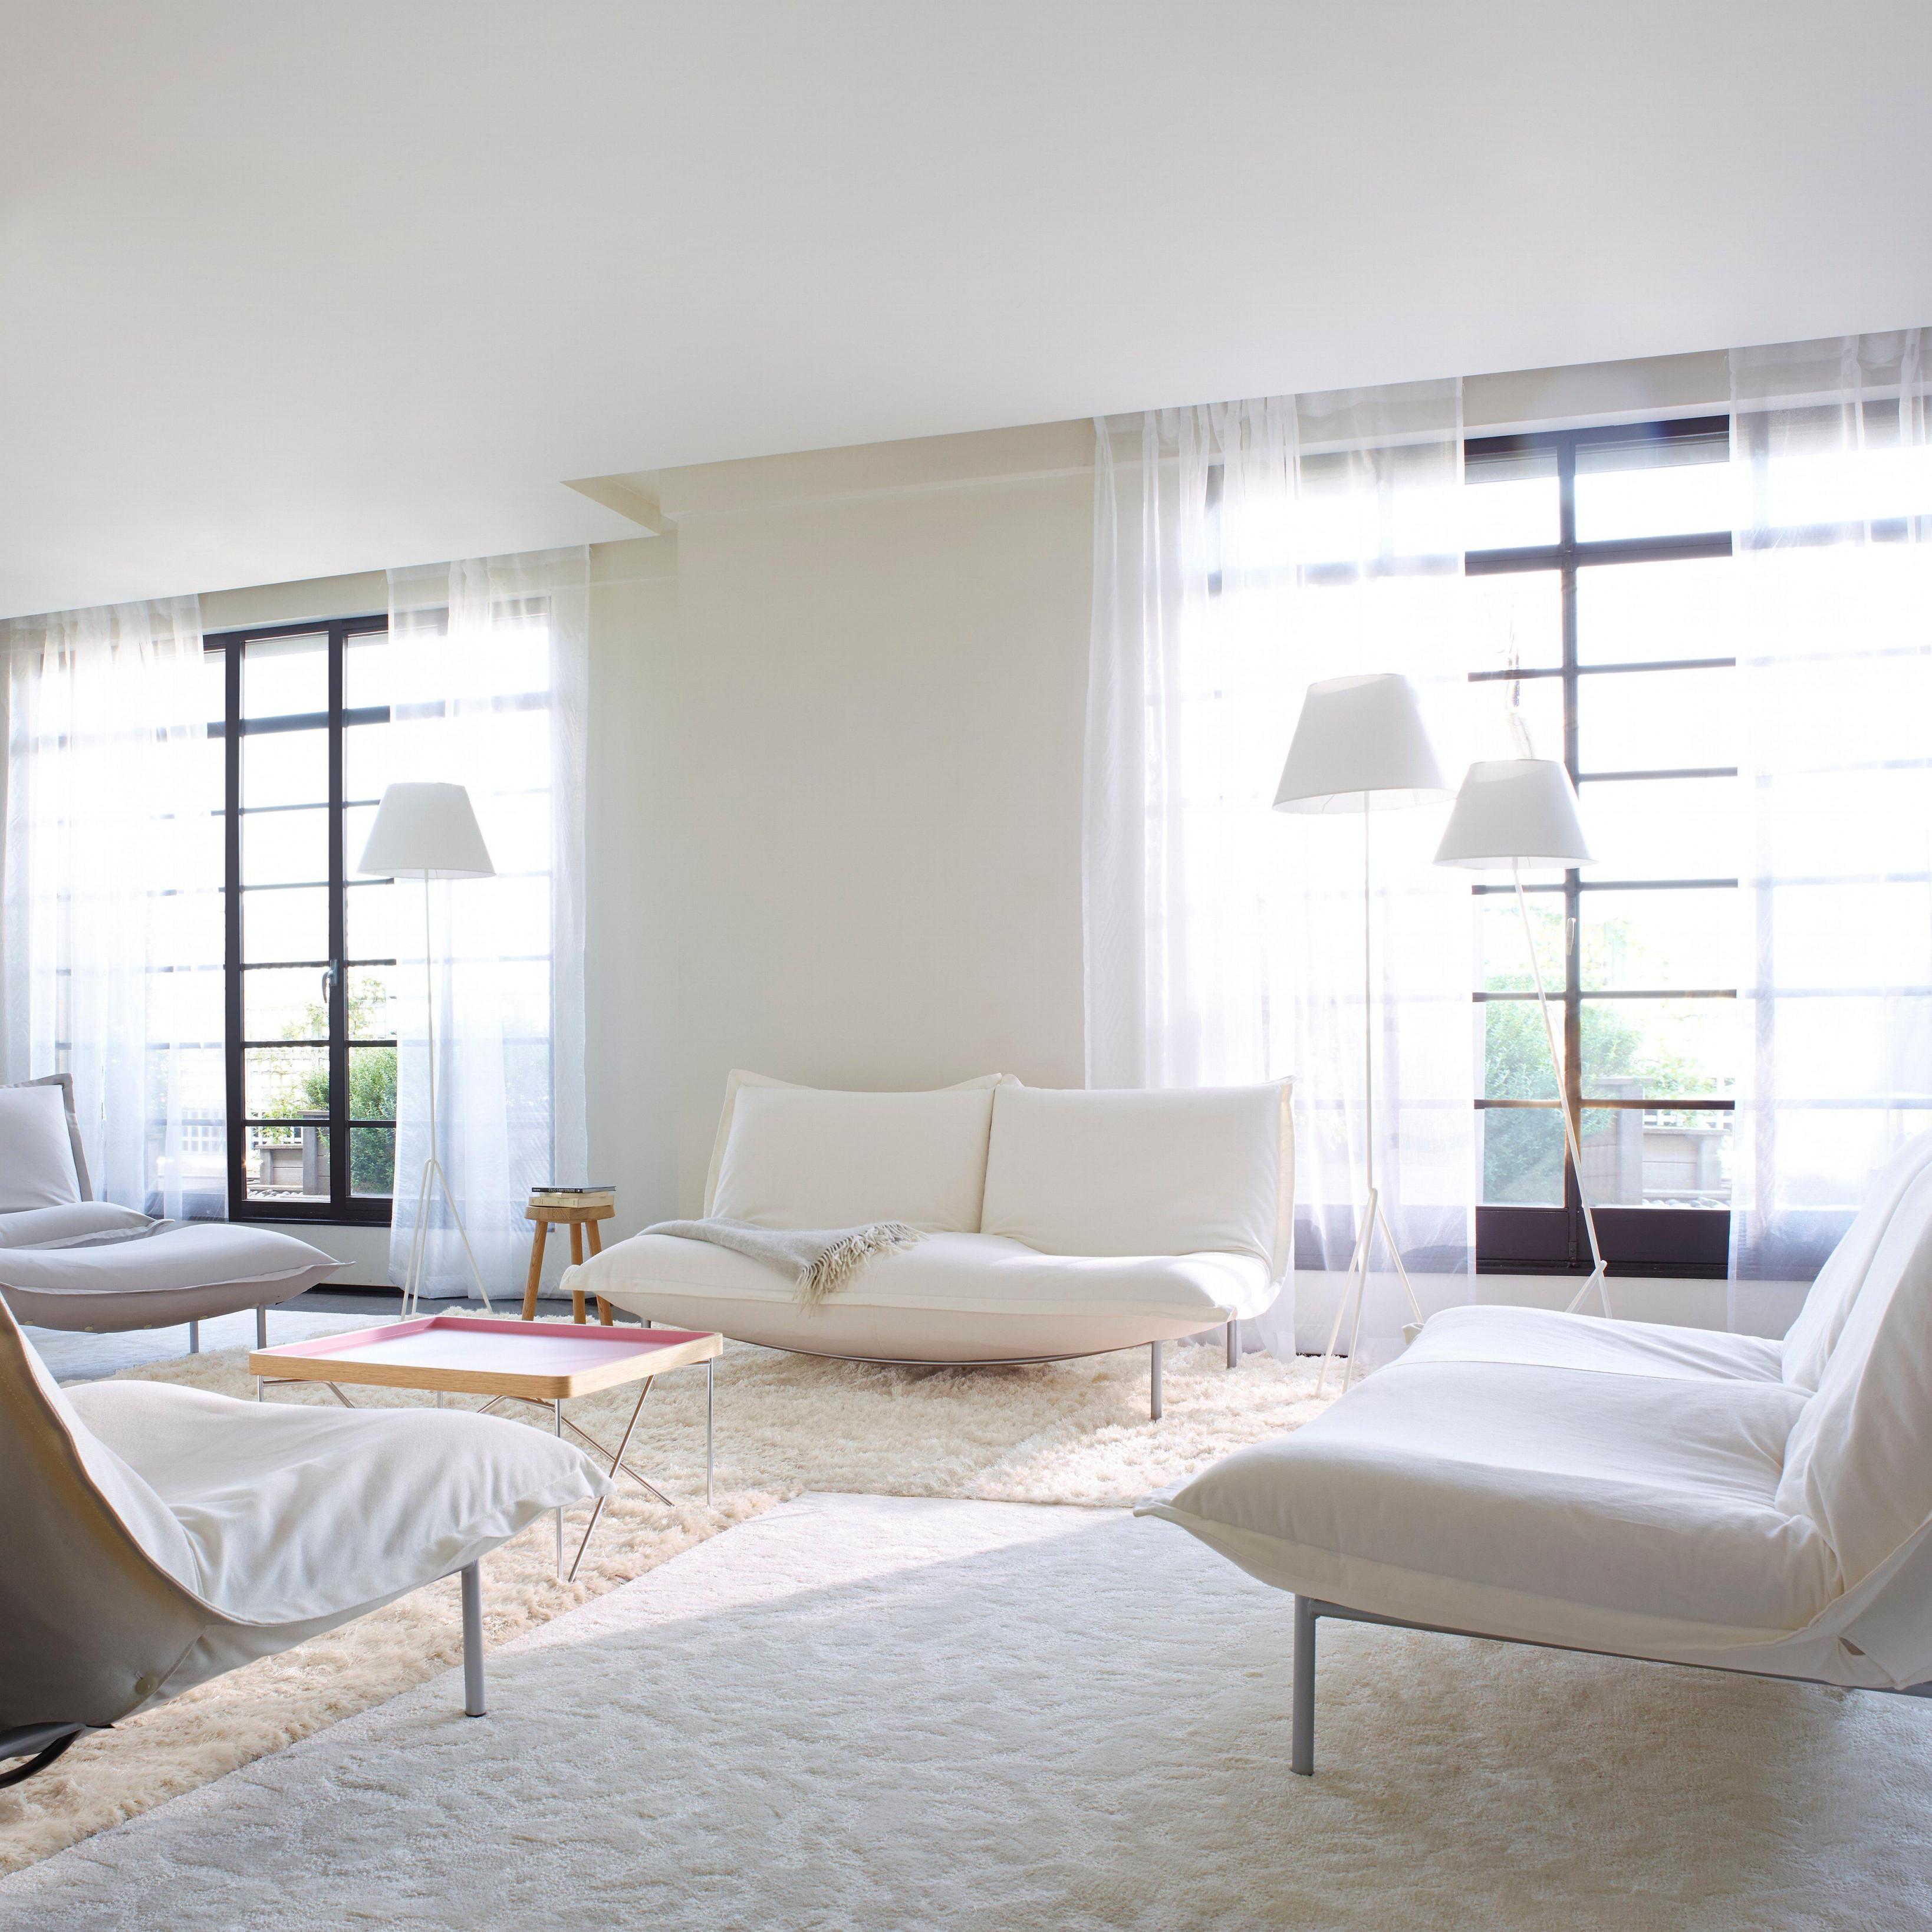 Weißes Wohnzimmer • Bilder  Ideen • Couch von Wohnzimmer In Weiss Gestalten Bild